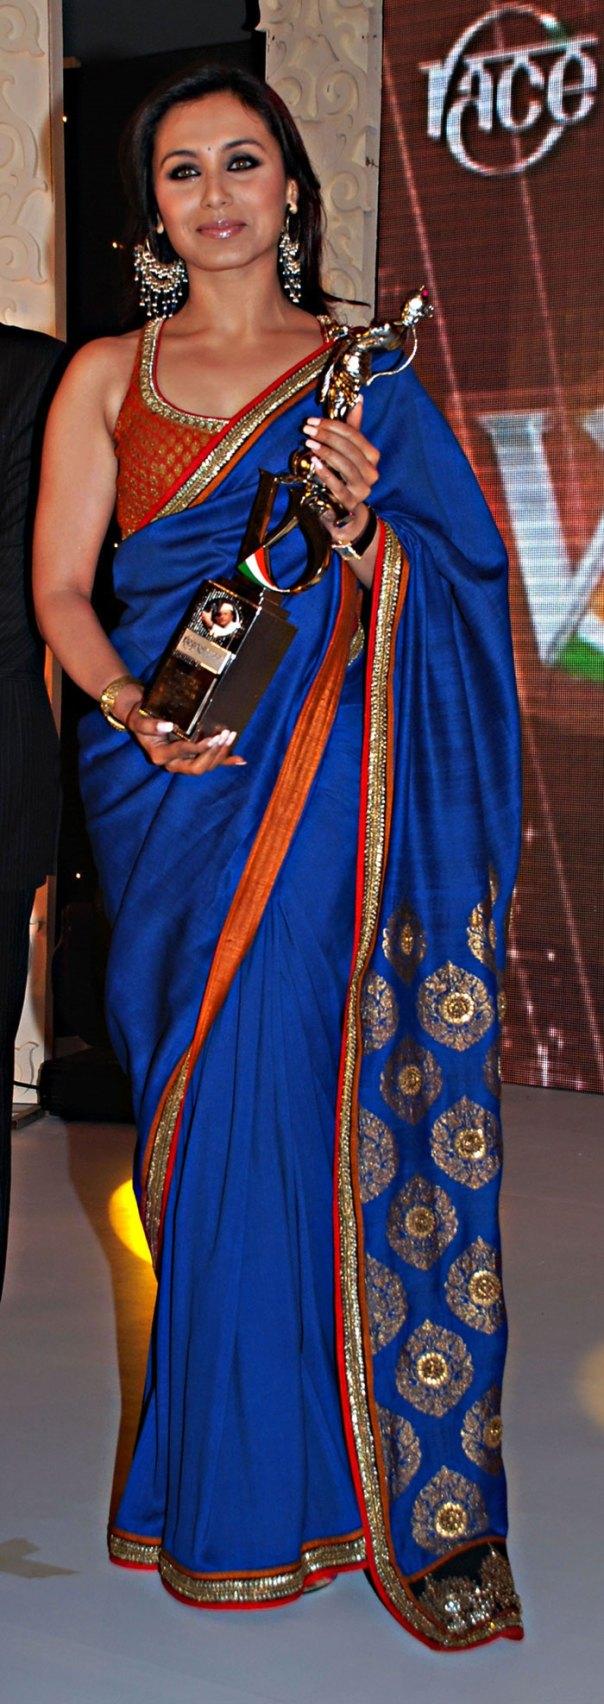 Rani-Mukerjee-Sabyasachi-Mukherjee-Creation-V-Shantaram -6369